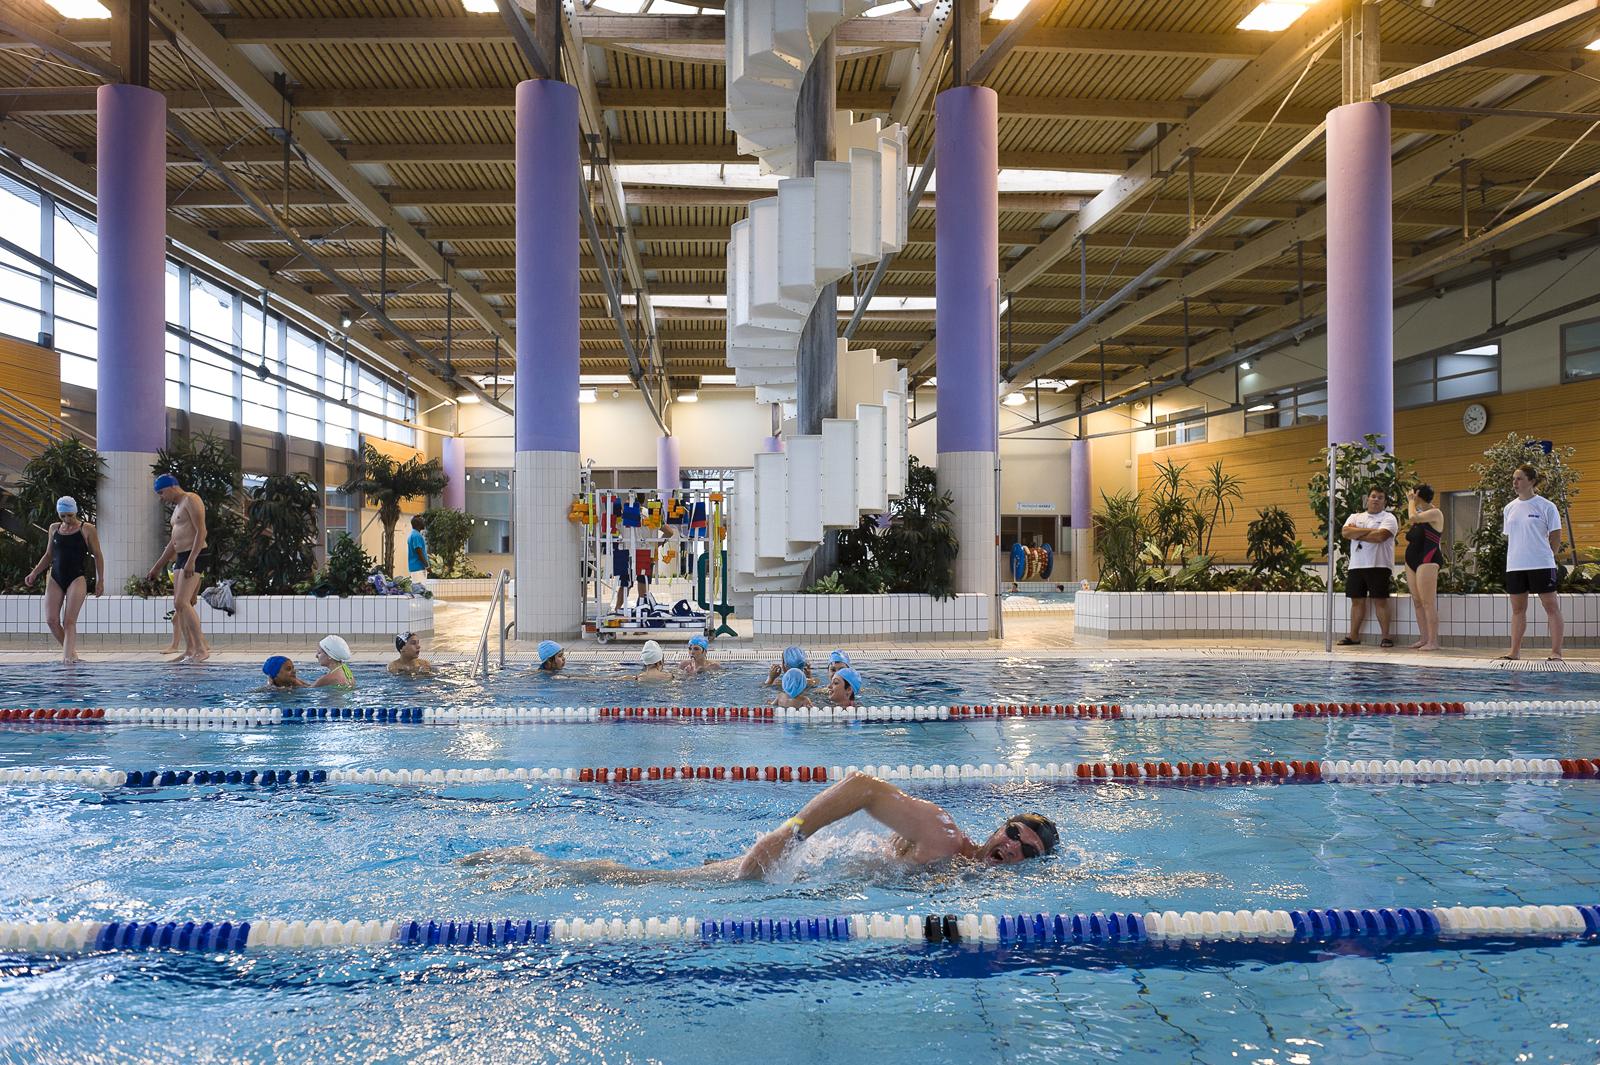 Espace Nautique Jean Vauchere | Colomiers | Water Park ... serapportantà Colomiers Piscine